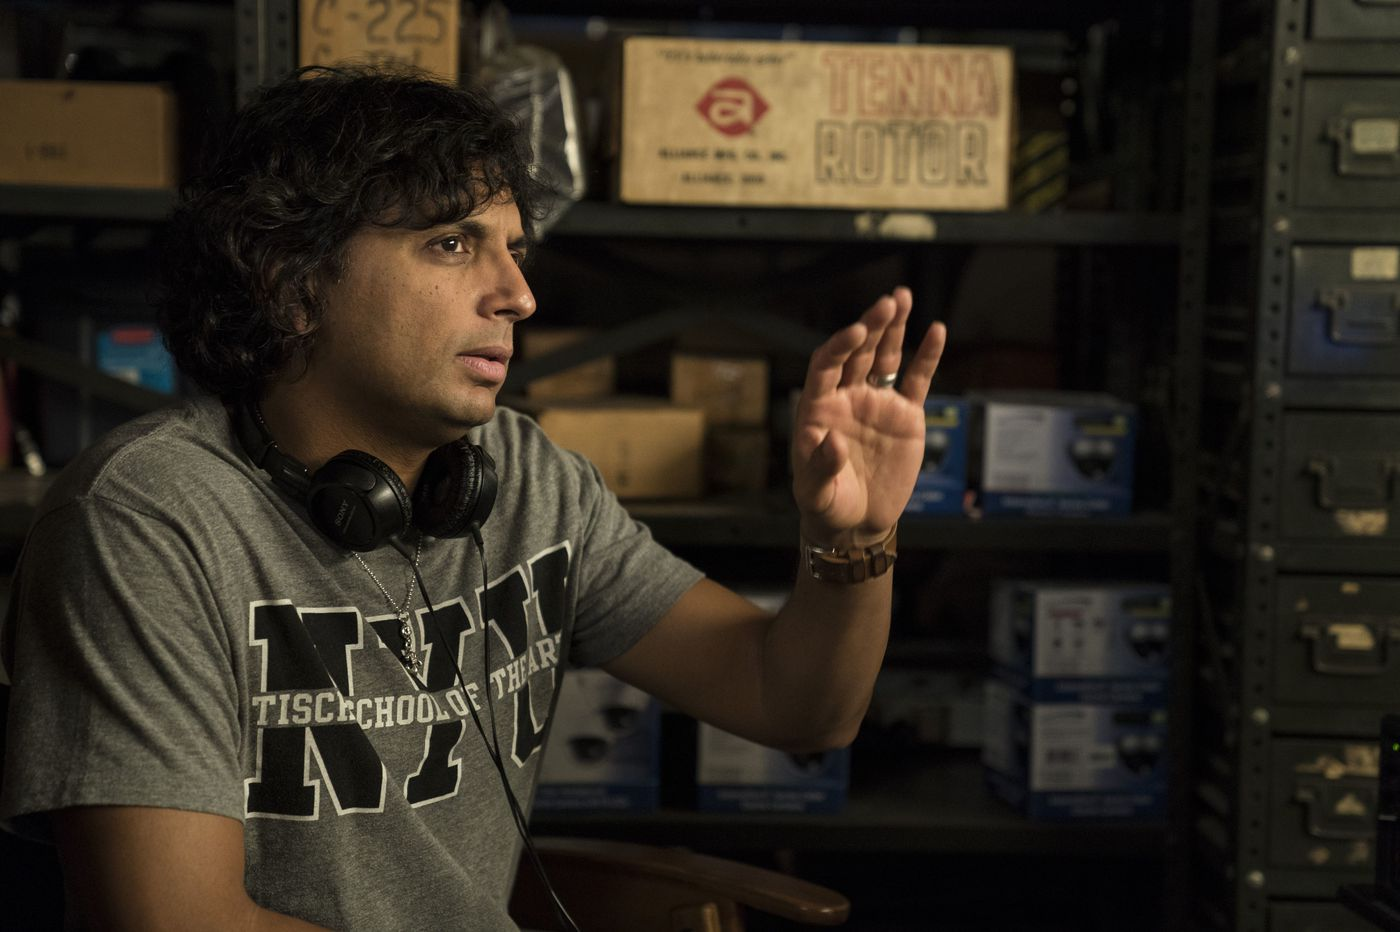 打造《驚心動魄》《分裂》《異裂》等驚悚傑作的導演奈沙馬蘭,所參與的驚悚影集《Servant》將在 AppleTV+ 推出。